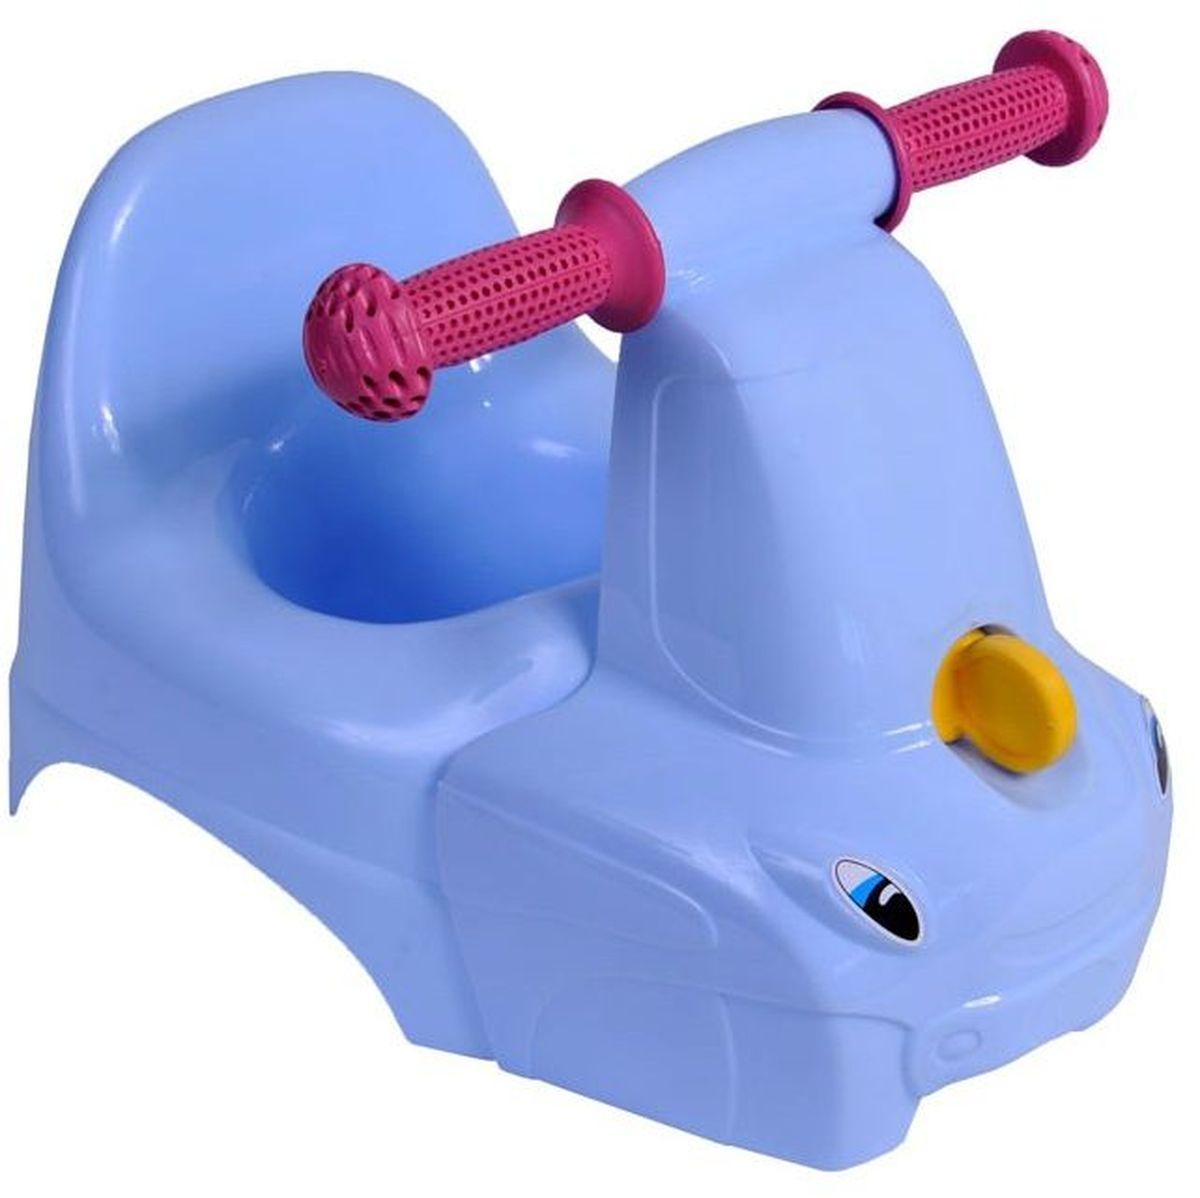 Little Angel Горшок-игрушка Грузовичок цвет голубой пастельныйLA4905BLВеселое развлечение может иметь место, даже когда ребенок сидит на горшке. В этом поможет наш детский горшок-игрушка в виде грузовичка. Красивые, большие глазки-фары уже наклеены на фигурку, которая крепится к корпусу горшка с помощью специального держателя. Игрушка легко снимается – это позволяет мыть горшок и фигурку отдельно, а также использовать горшок без игрушки. Две ручки выполнены из мягкого пластика, поэтому ваш ребенок не поранится.